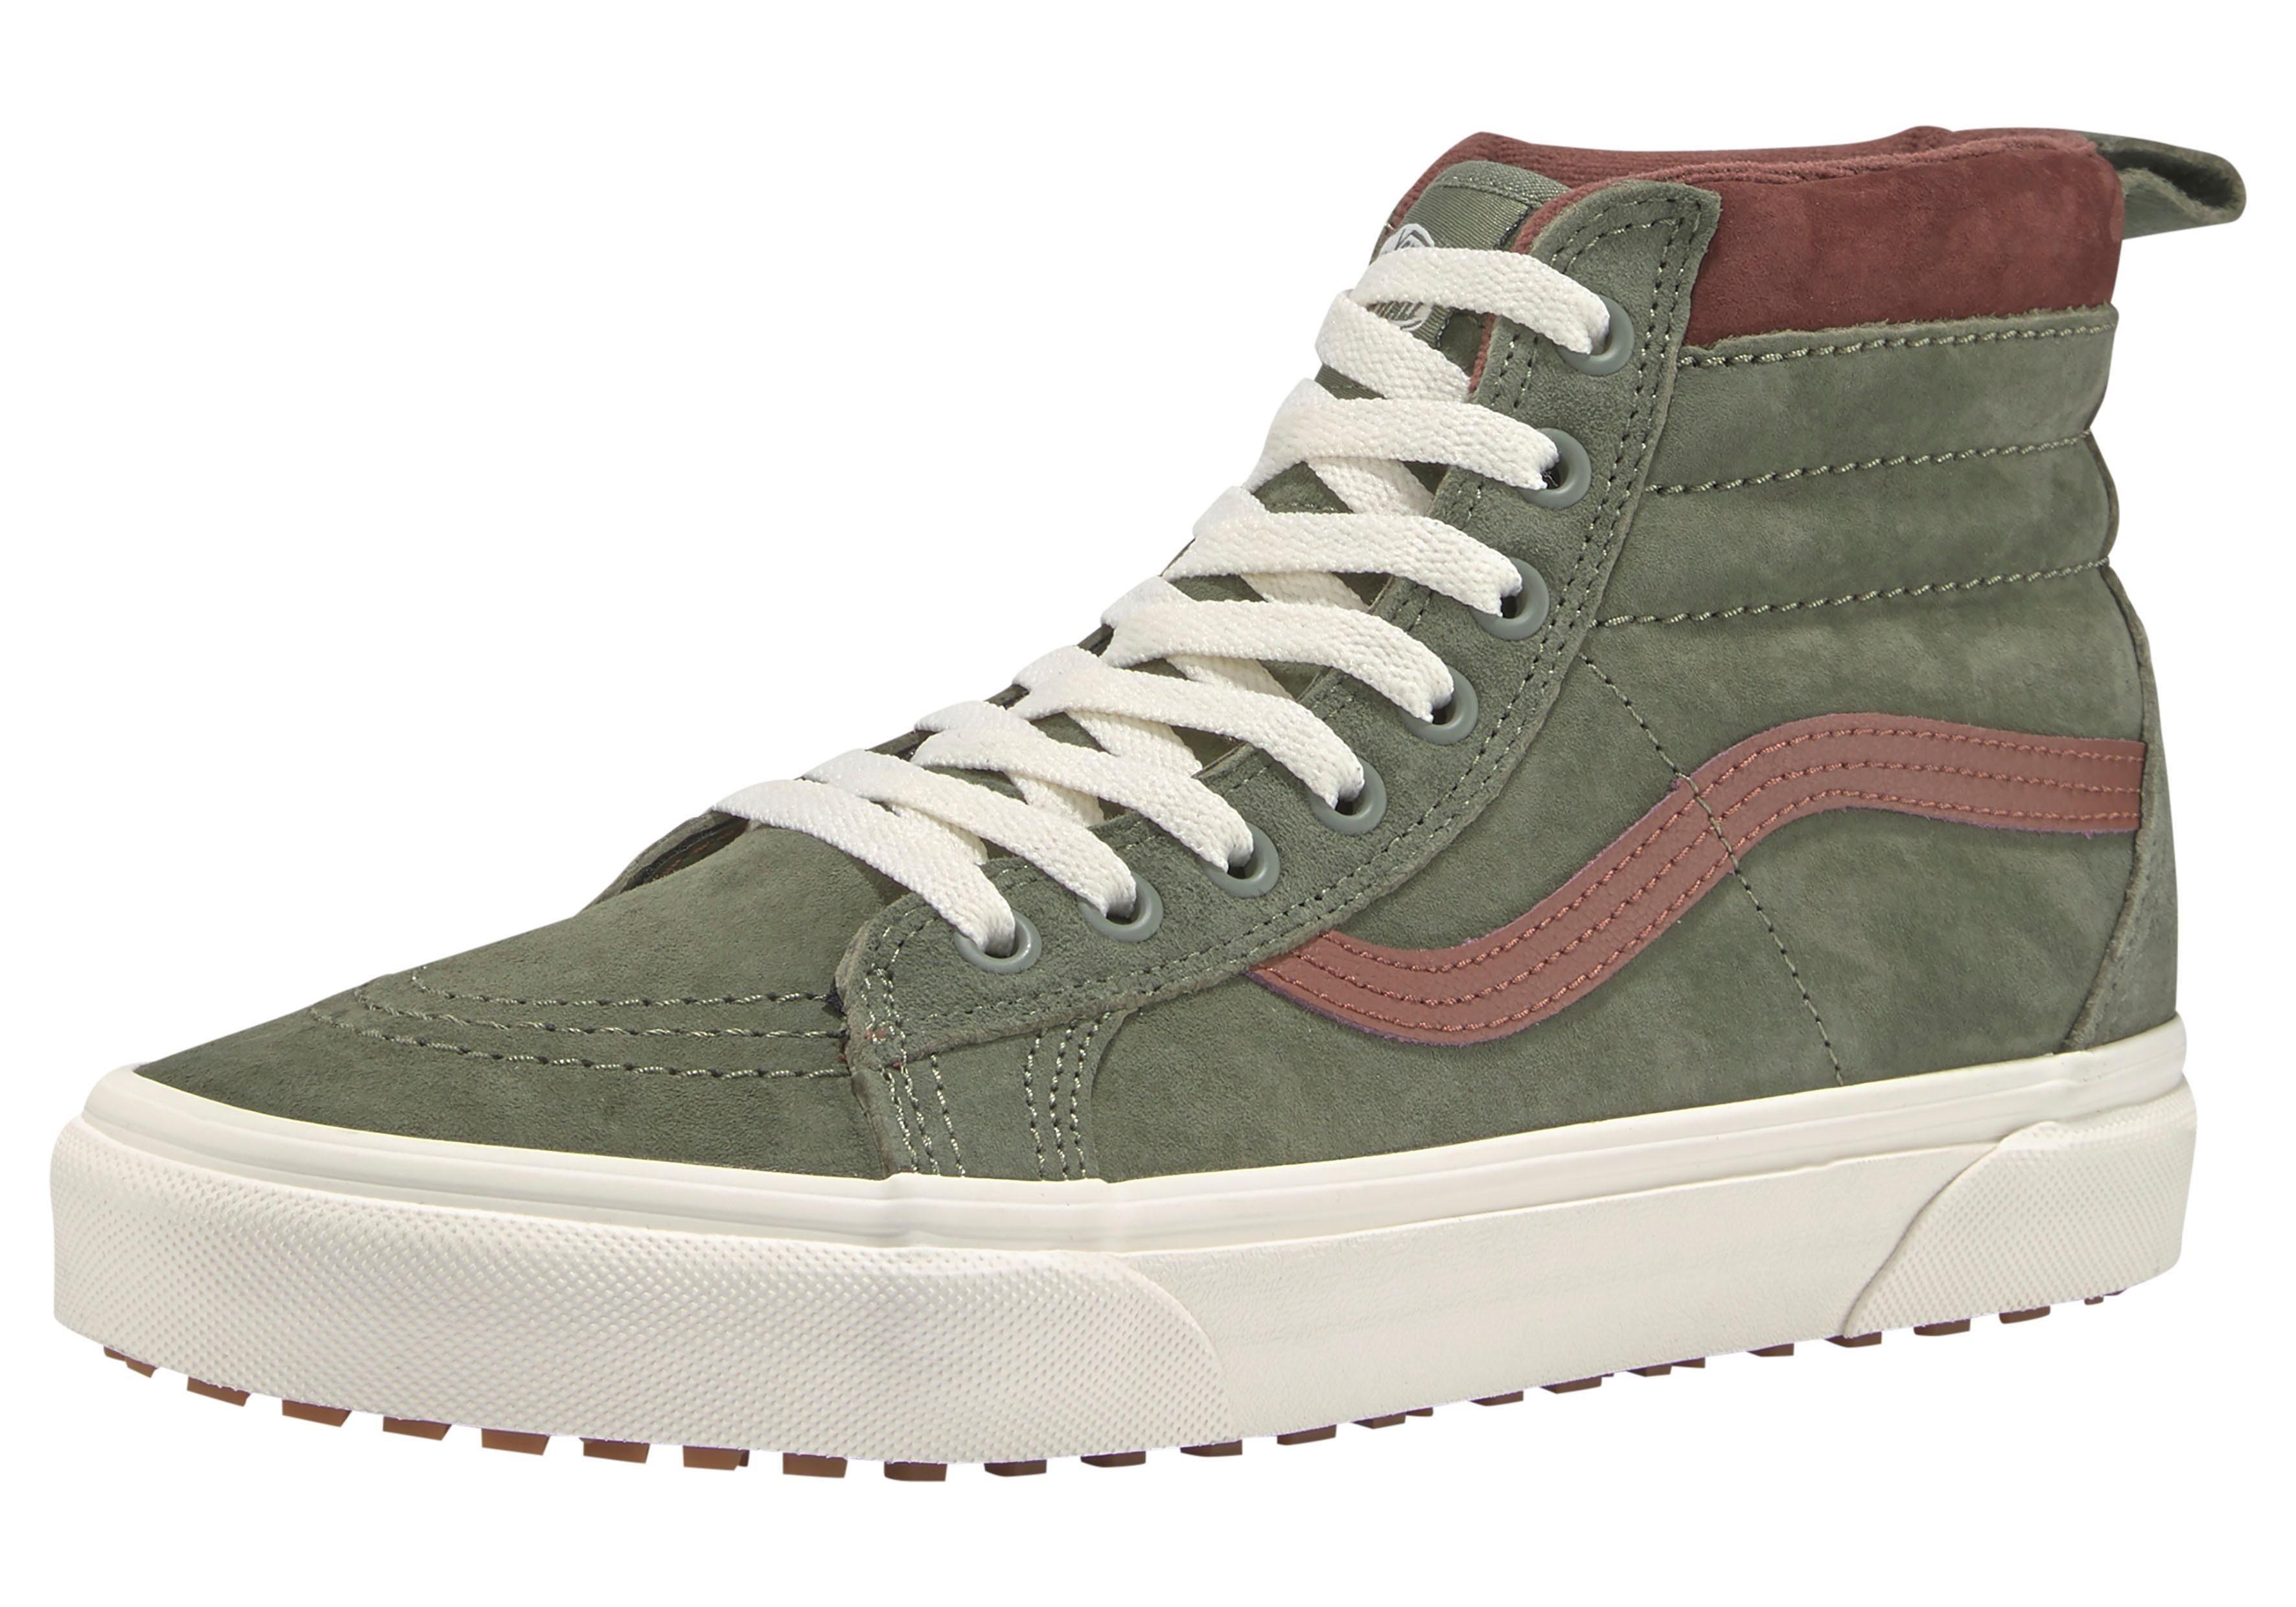 Vans »SK8 Hi MTE« Sneaker, Zuglasche für einen leichten Einstieg online kaufen | OTTO